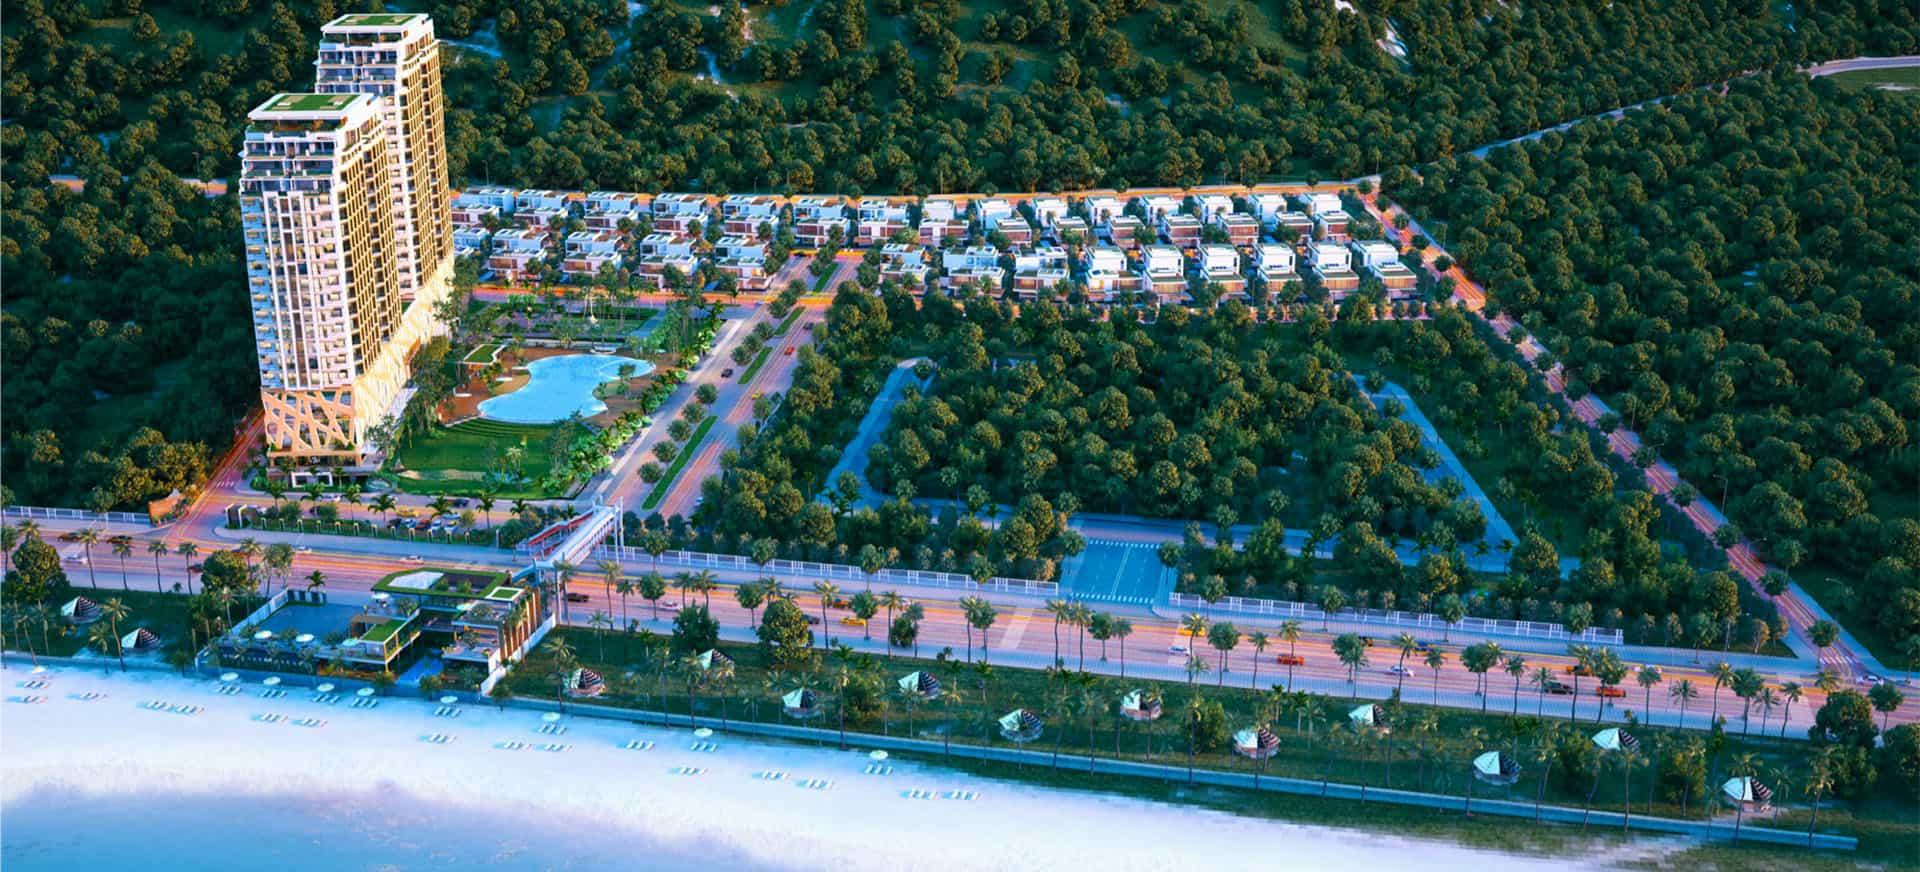 The Long Hai – Cơ hội sở hữu căn hộ biển tại Long Hải